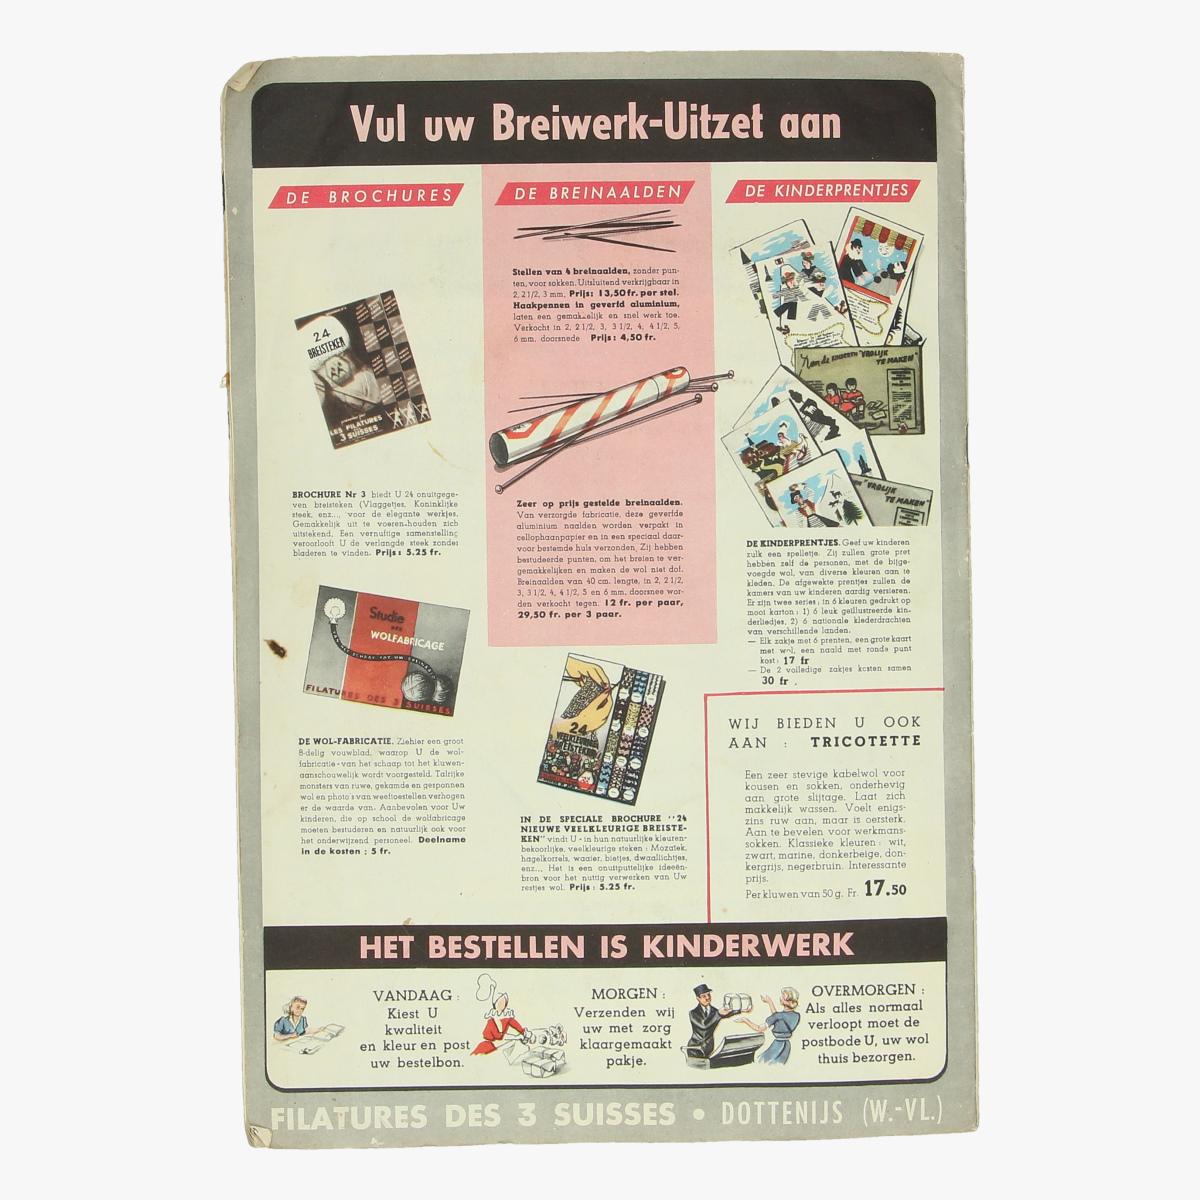 Afbeeldingen van breiwerk - gids voor 1953